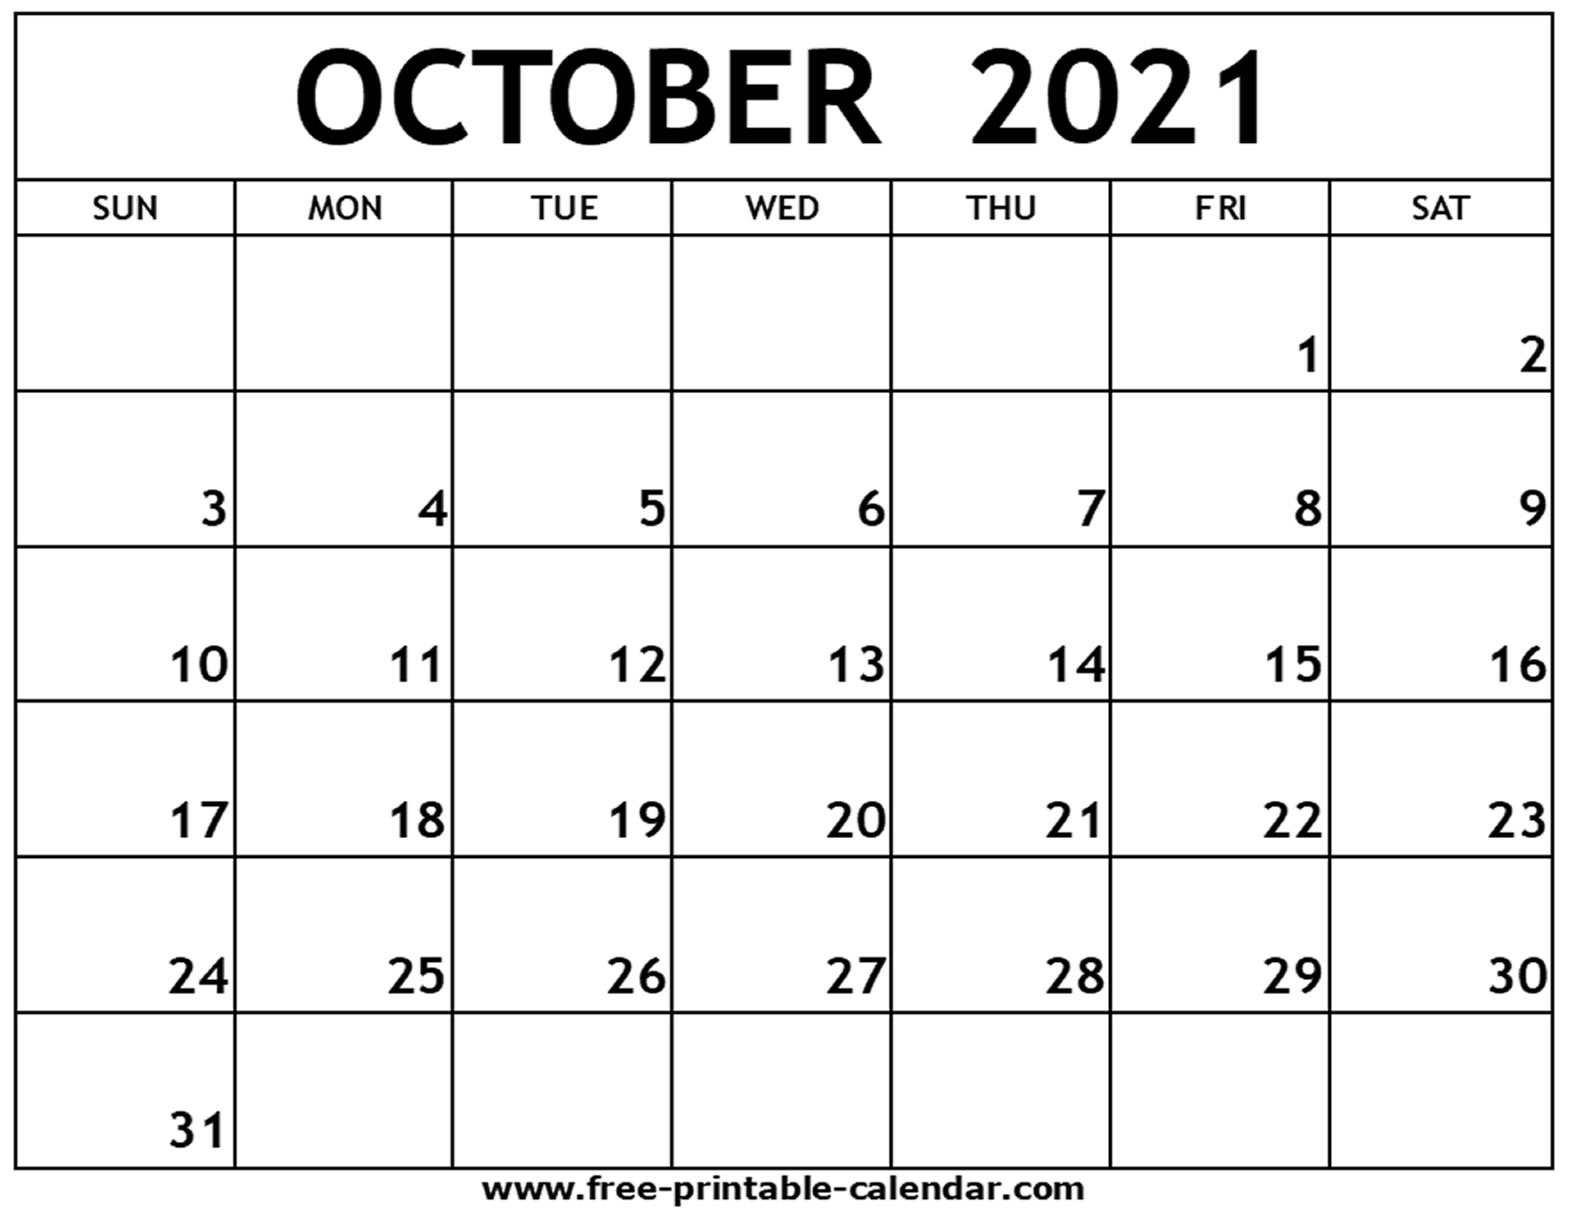 Fiscal Calendar For October 2021 Calendar Printables